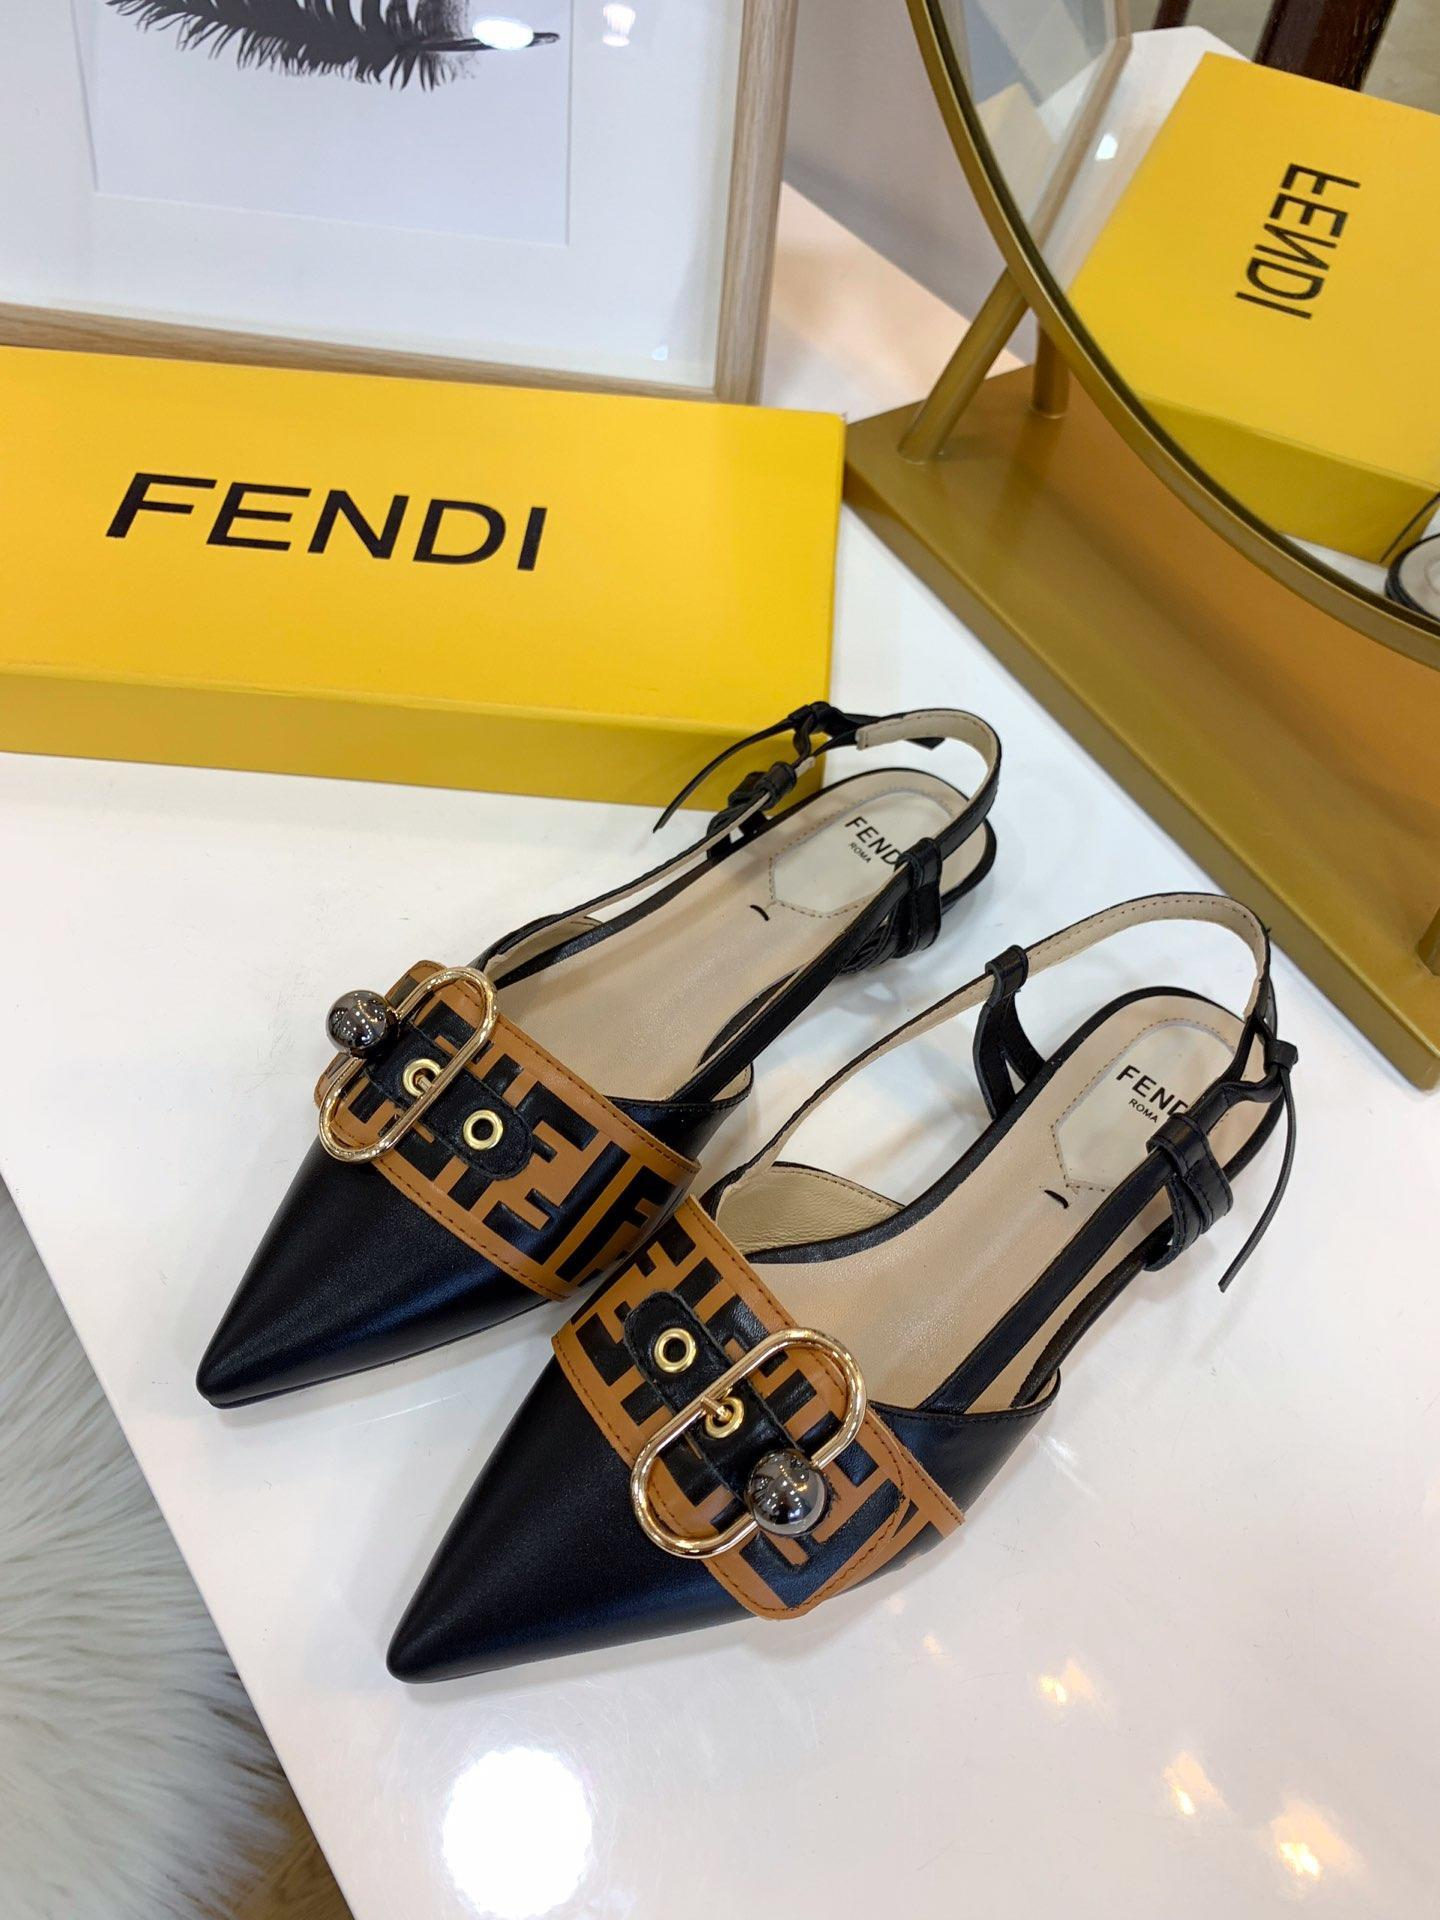 De haute qualité Designerluxury Sandales Pompes Party Chaussures Femme Brandsandals Nu Mode cheville Straps Chaussures Rivets Hauts talons curseur 20021703T